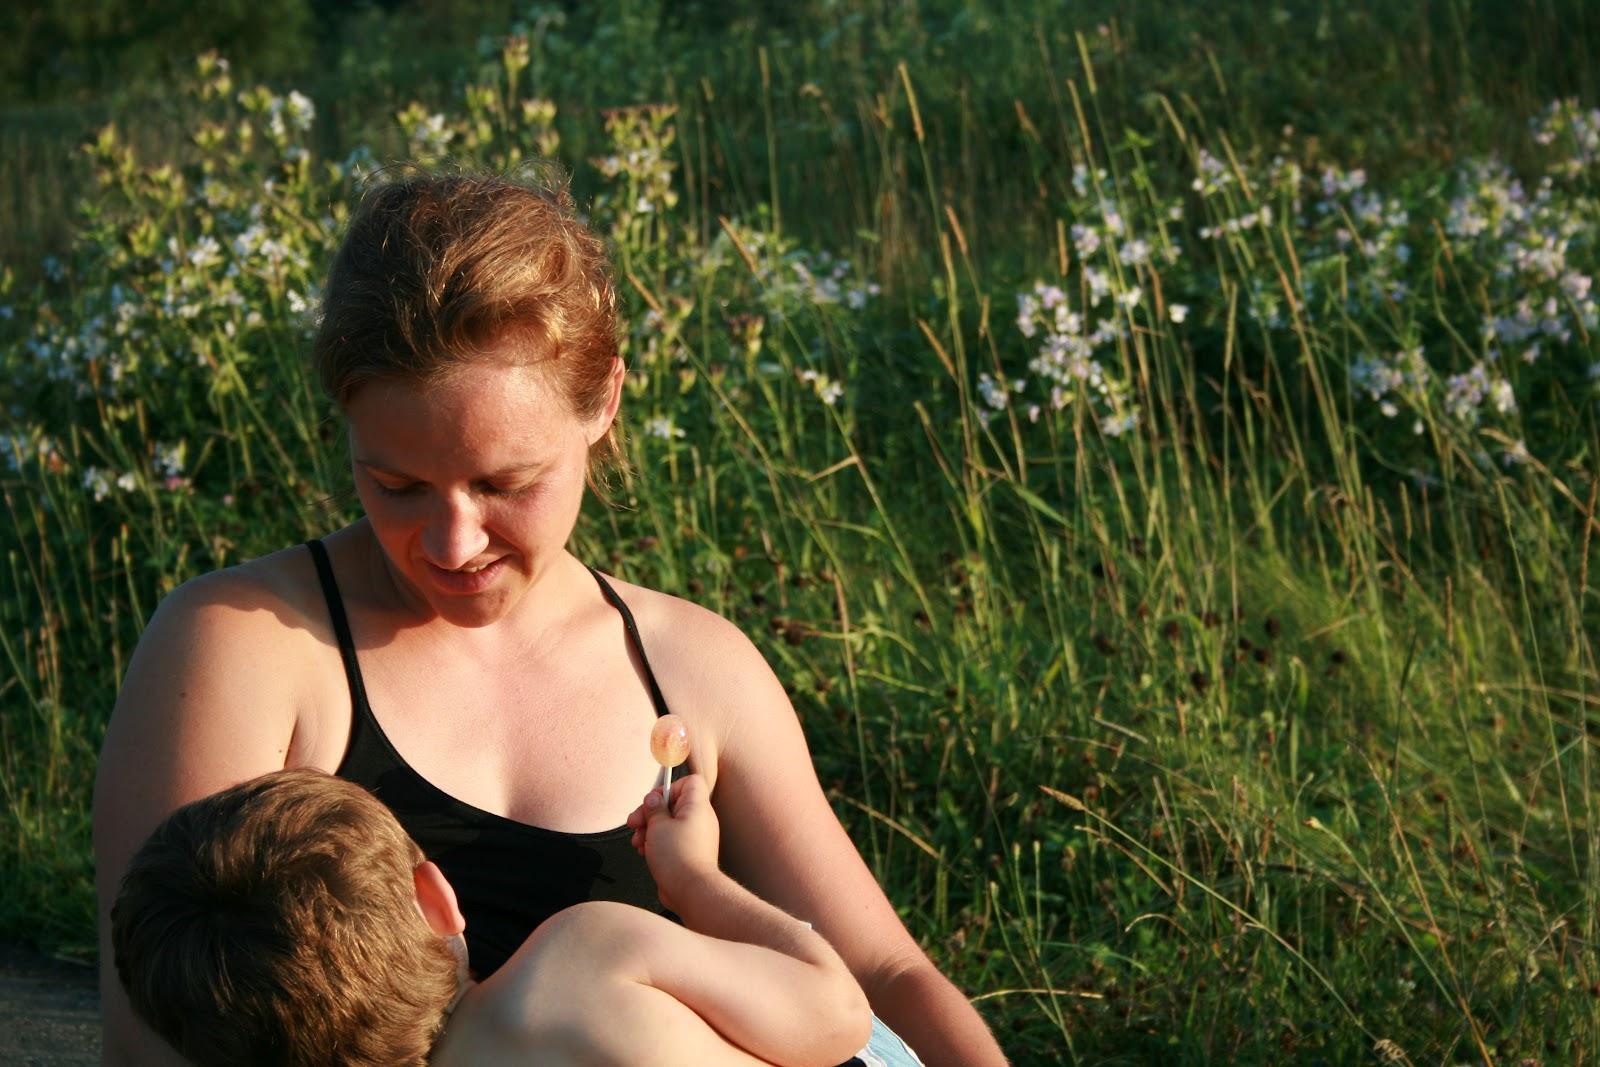 Mère et fils ayant des rapports sexuels